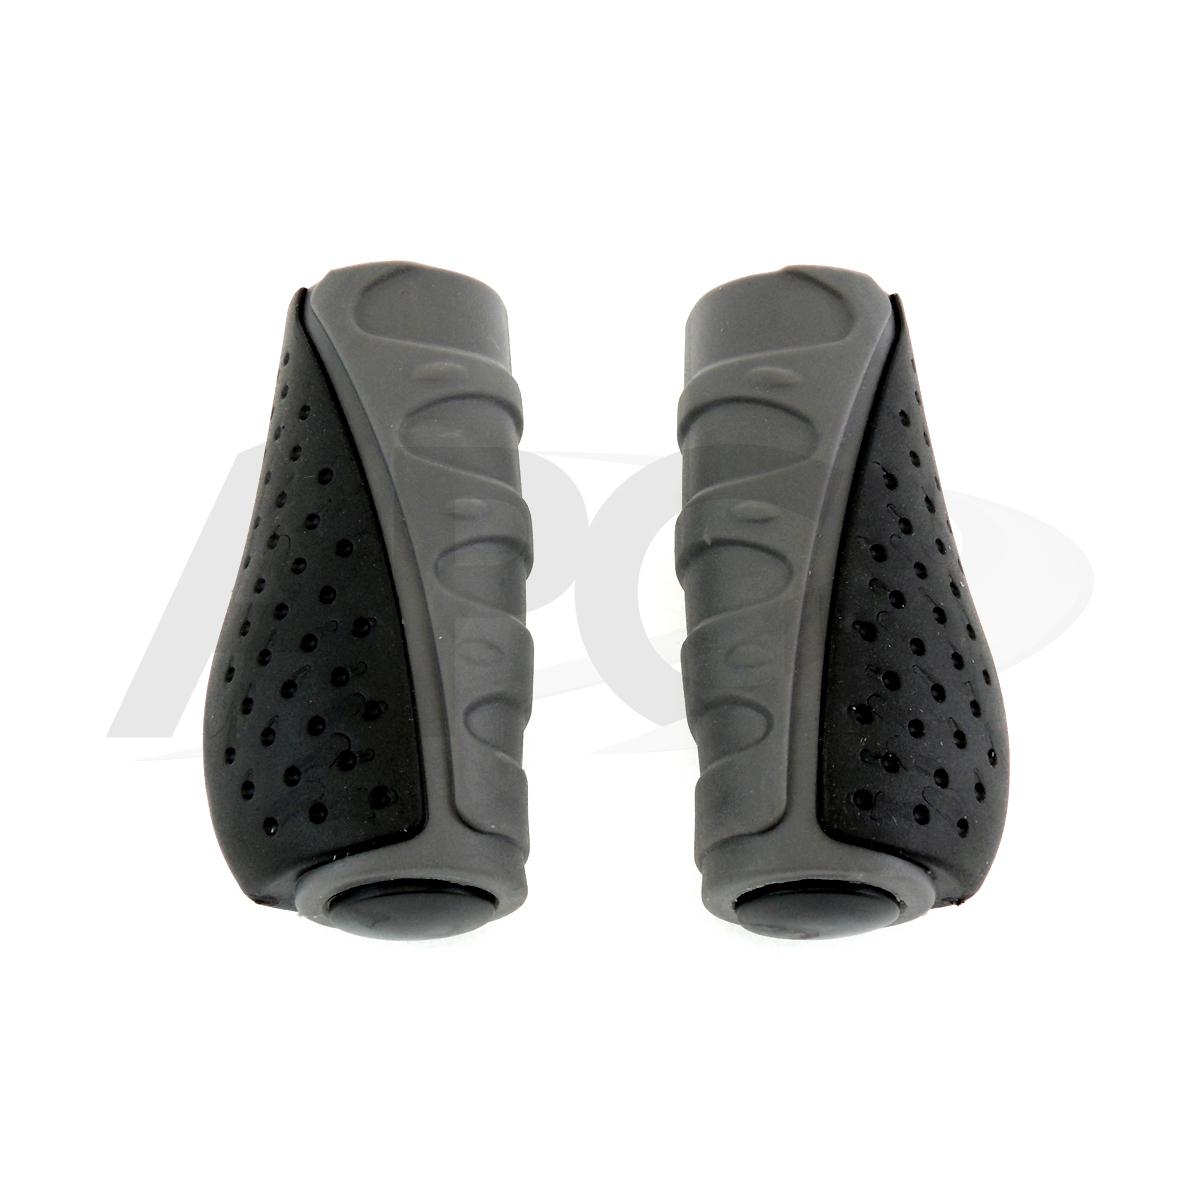 Chwyt KIEROWNICY HW 145303 92mm -czarno-szary